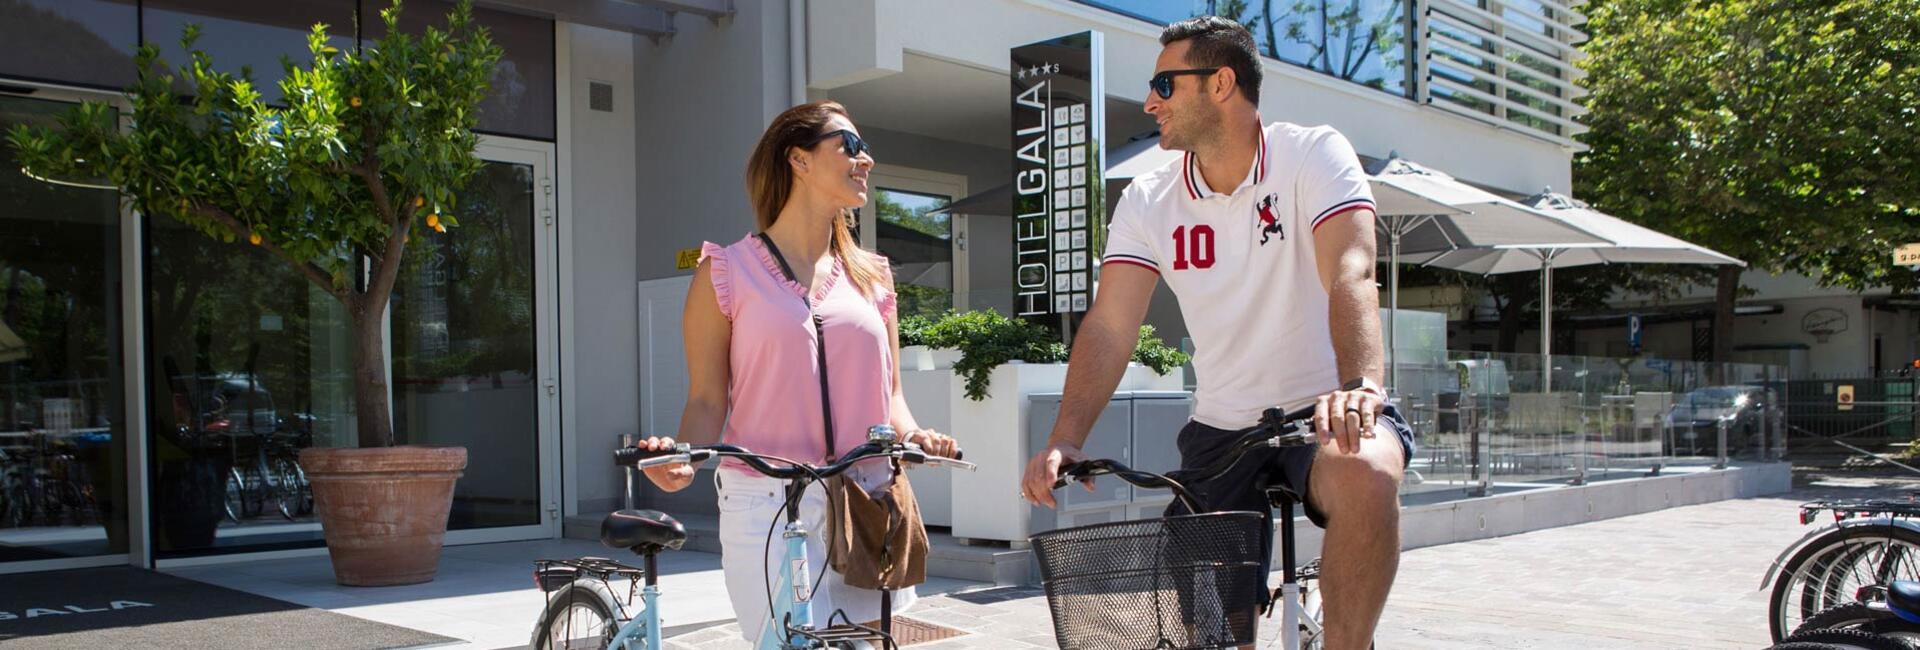 hotelgalamisano de bike-hotel 002